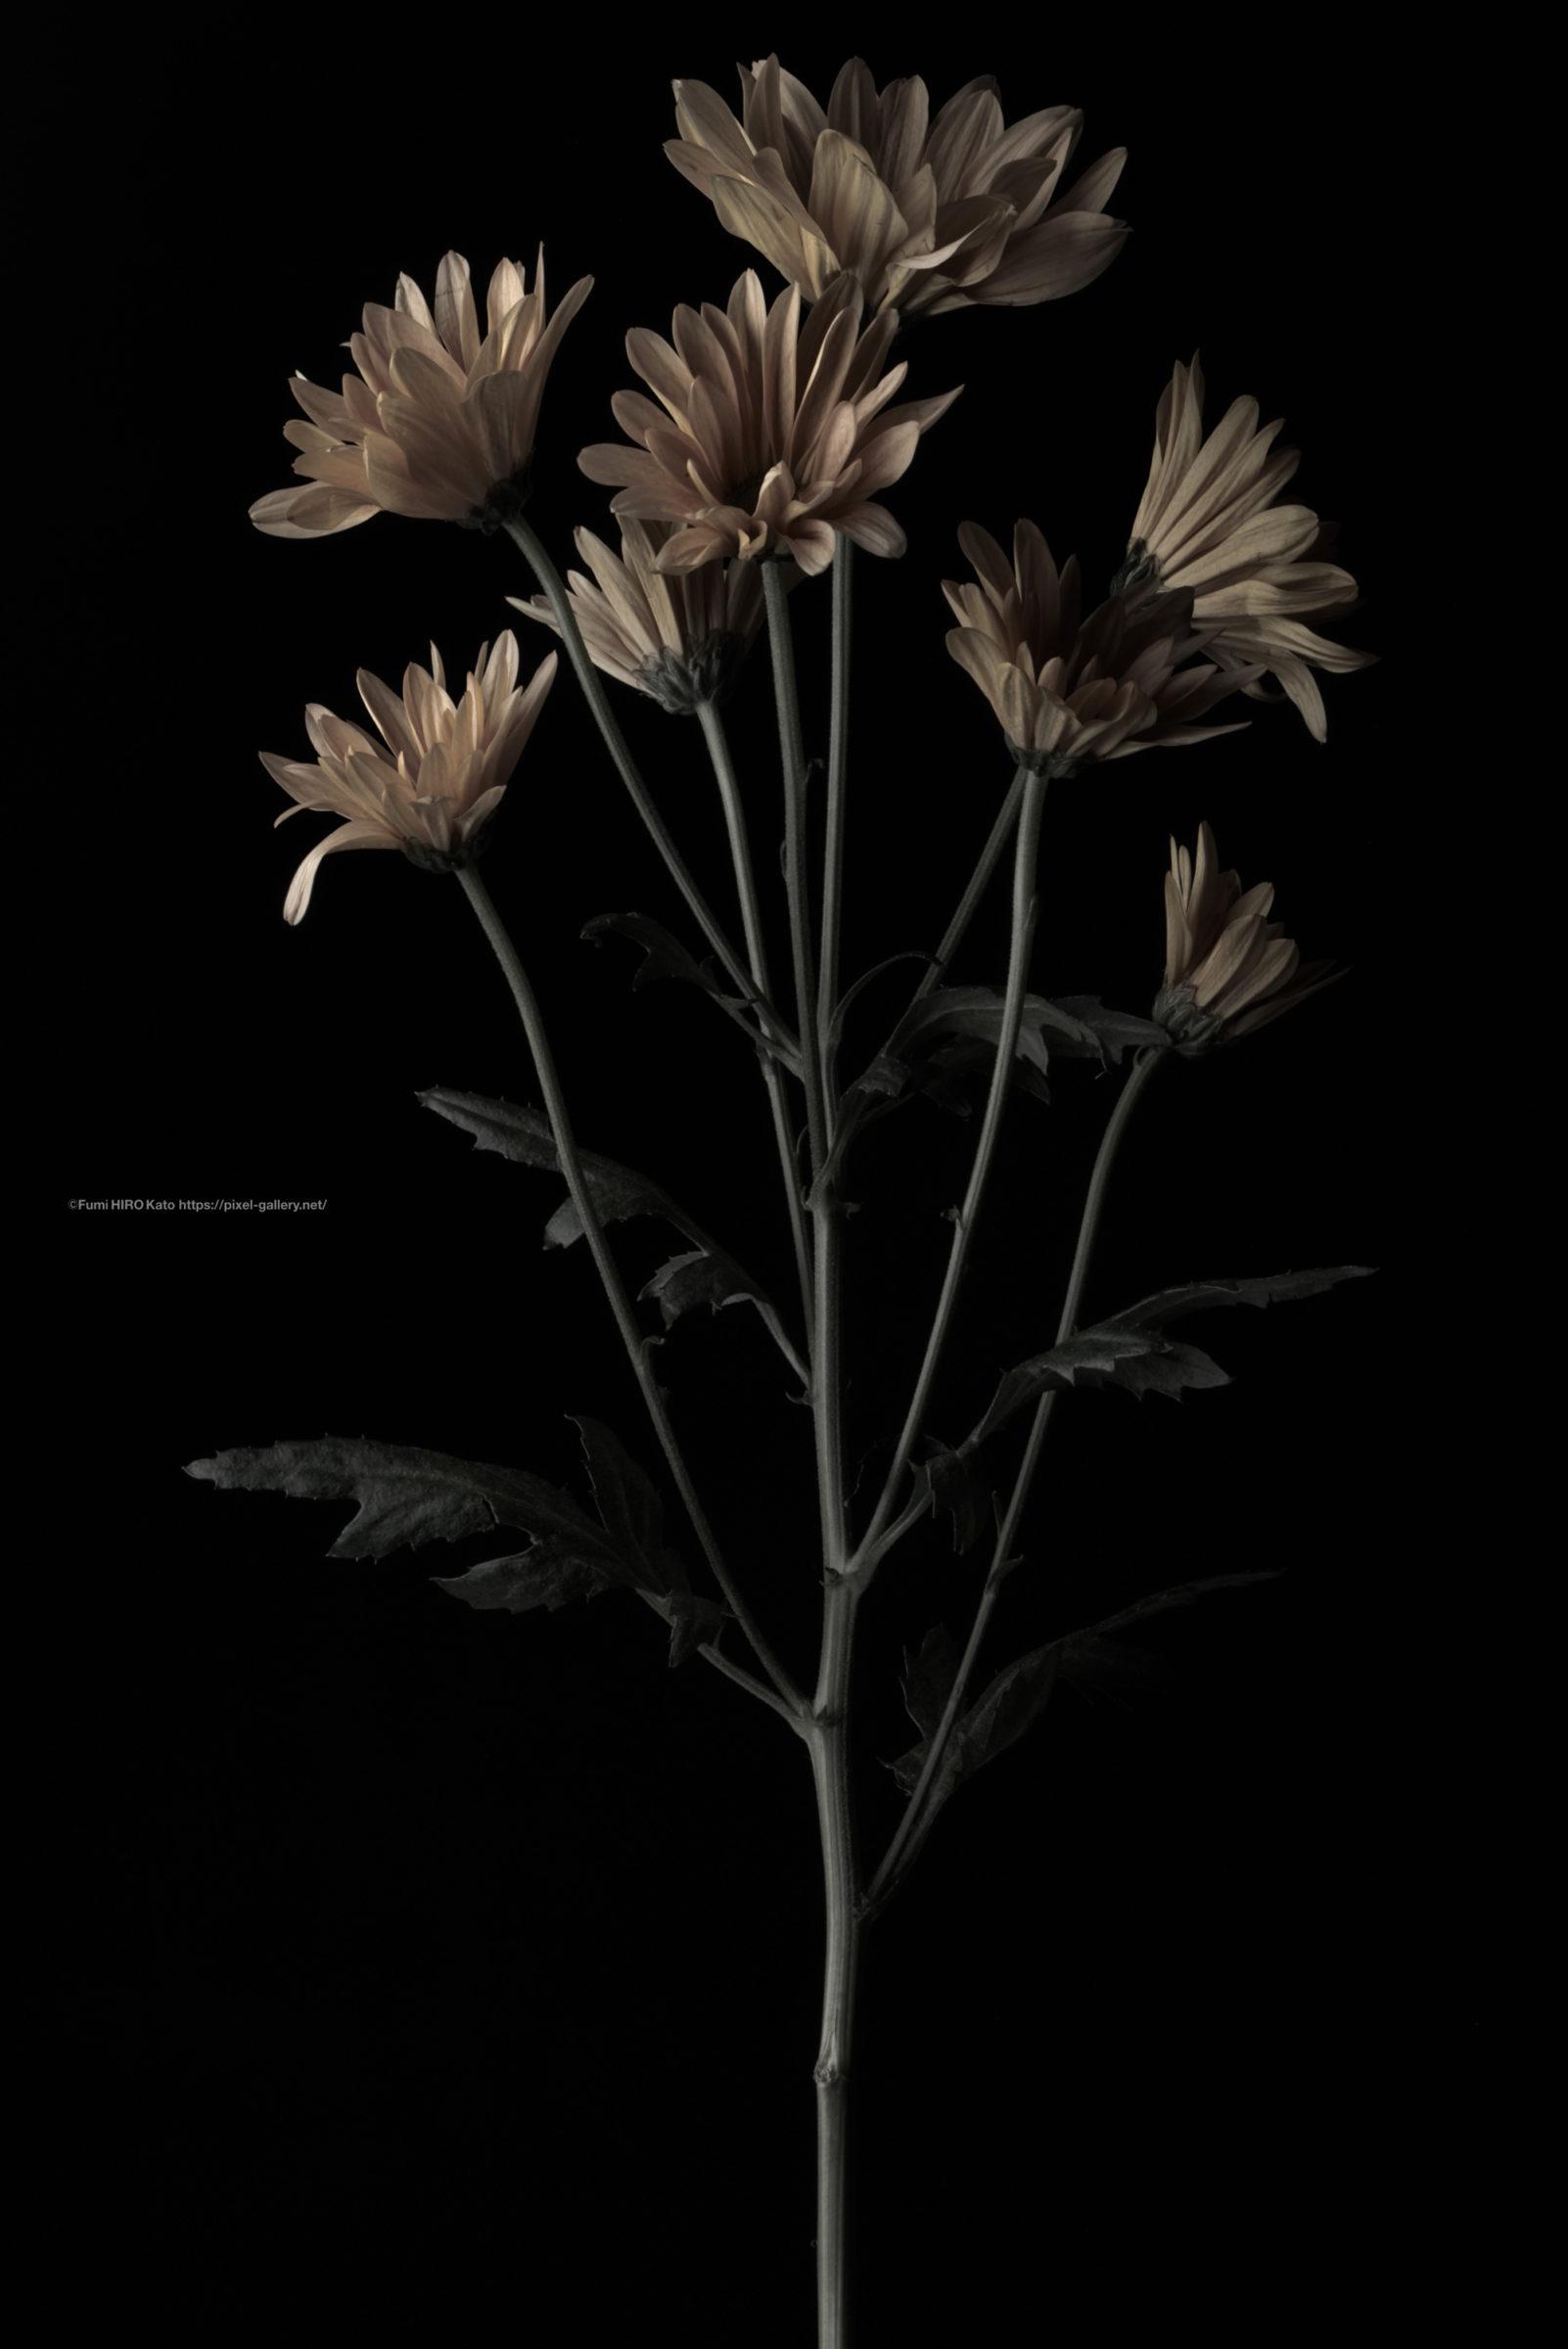 ハナ 2020-036 真鍮の花